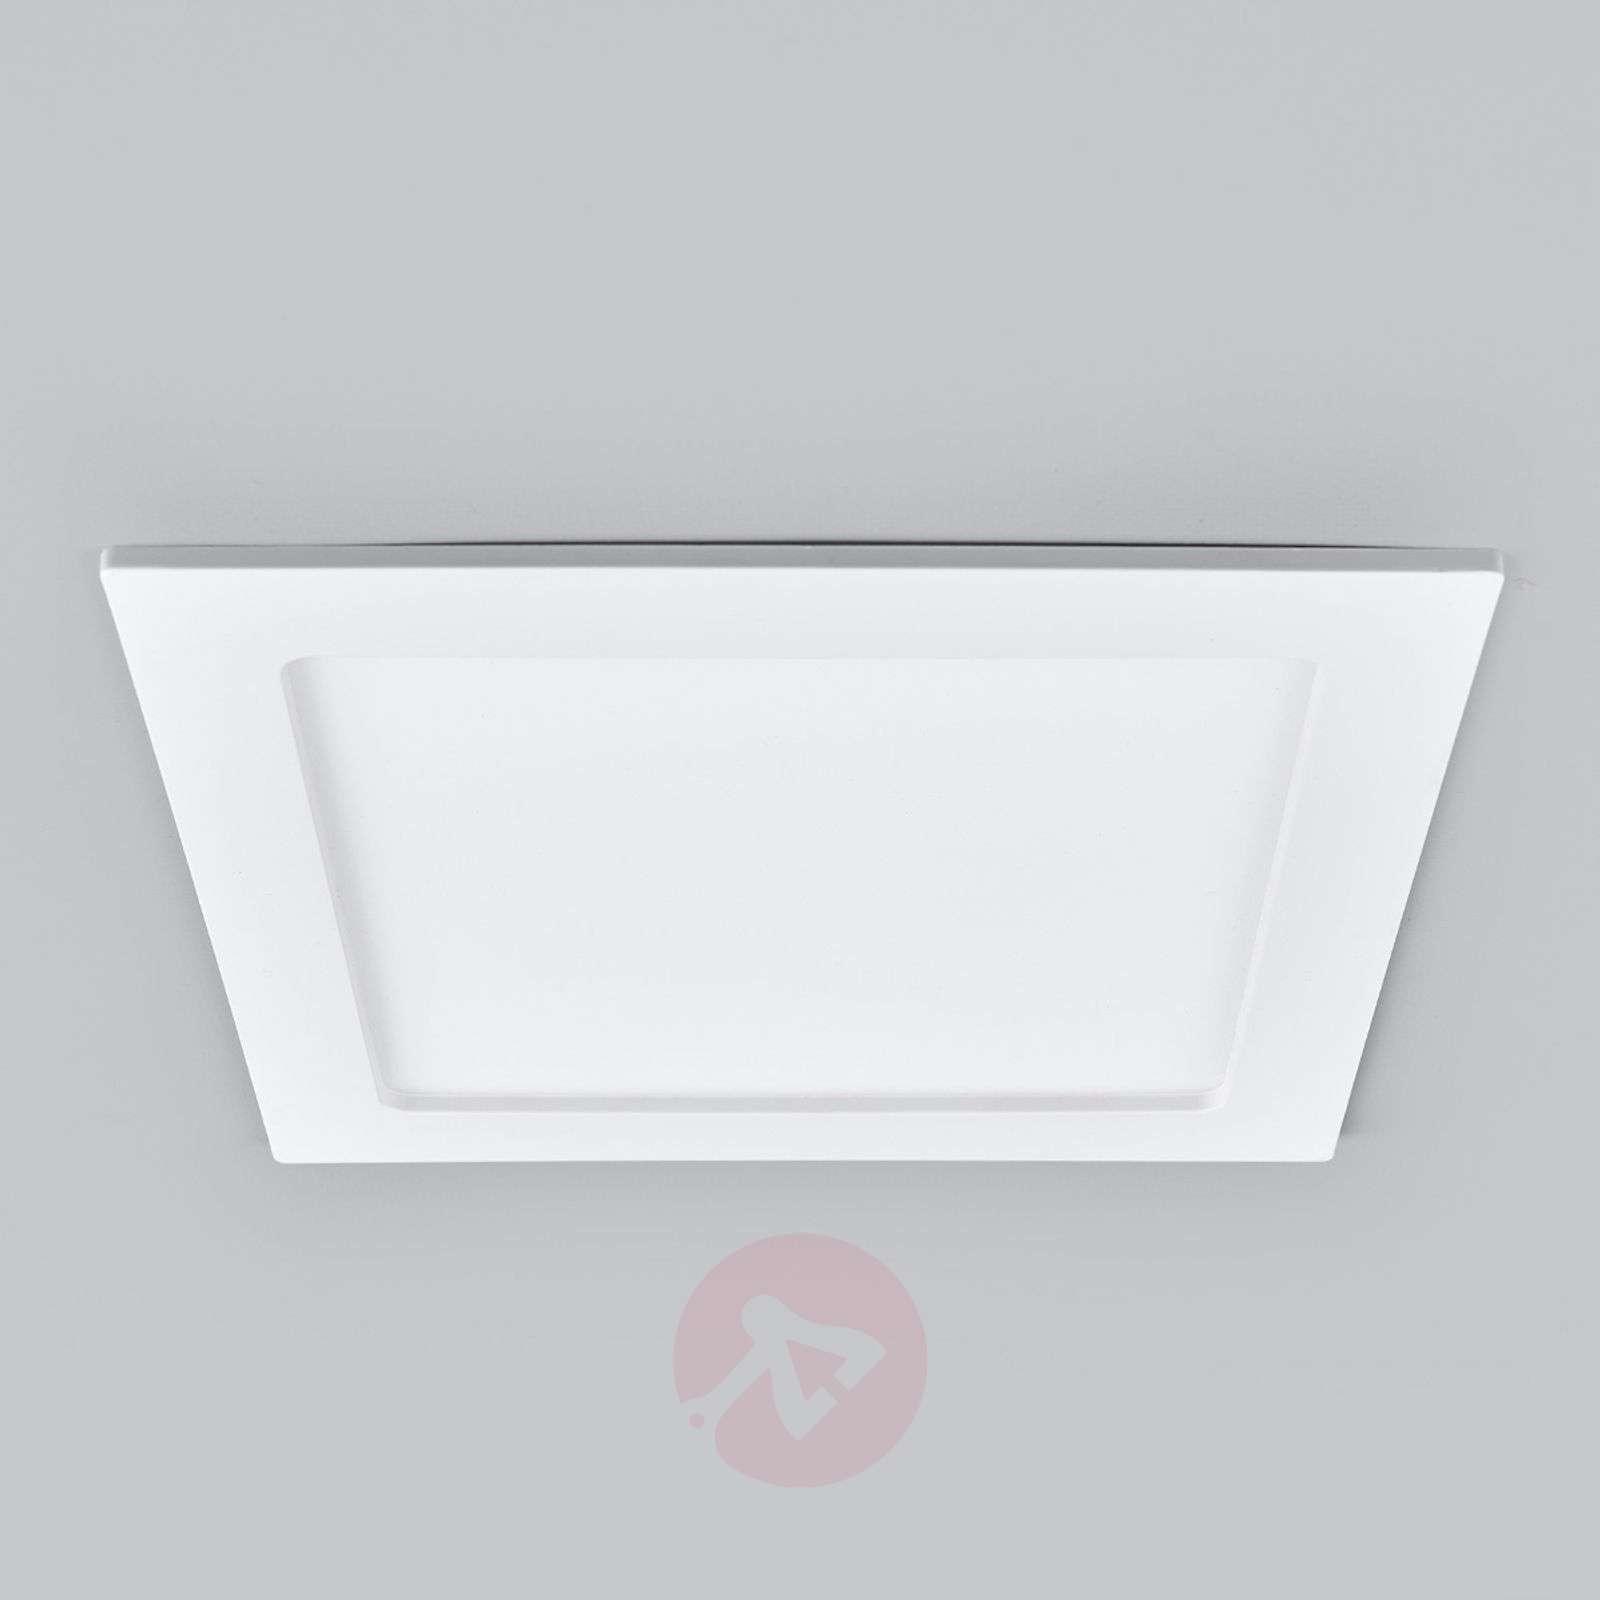 LED-alasvalo Feva kylpyhuoneeseen, IP44, 16W-9978018-020